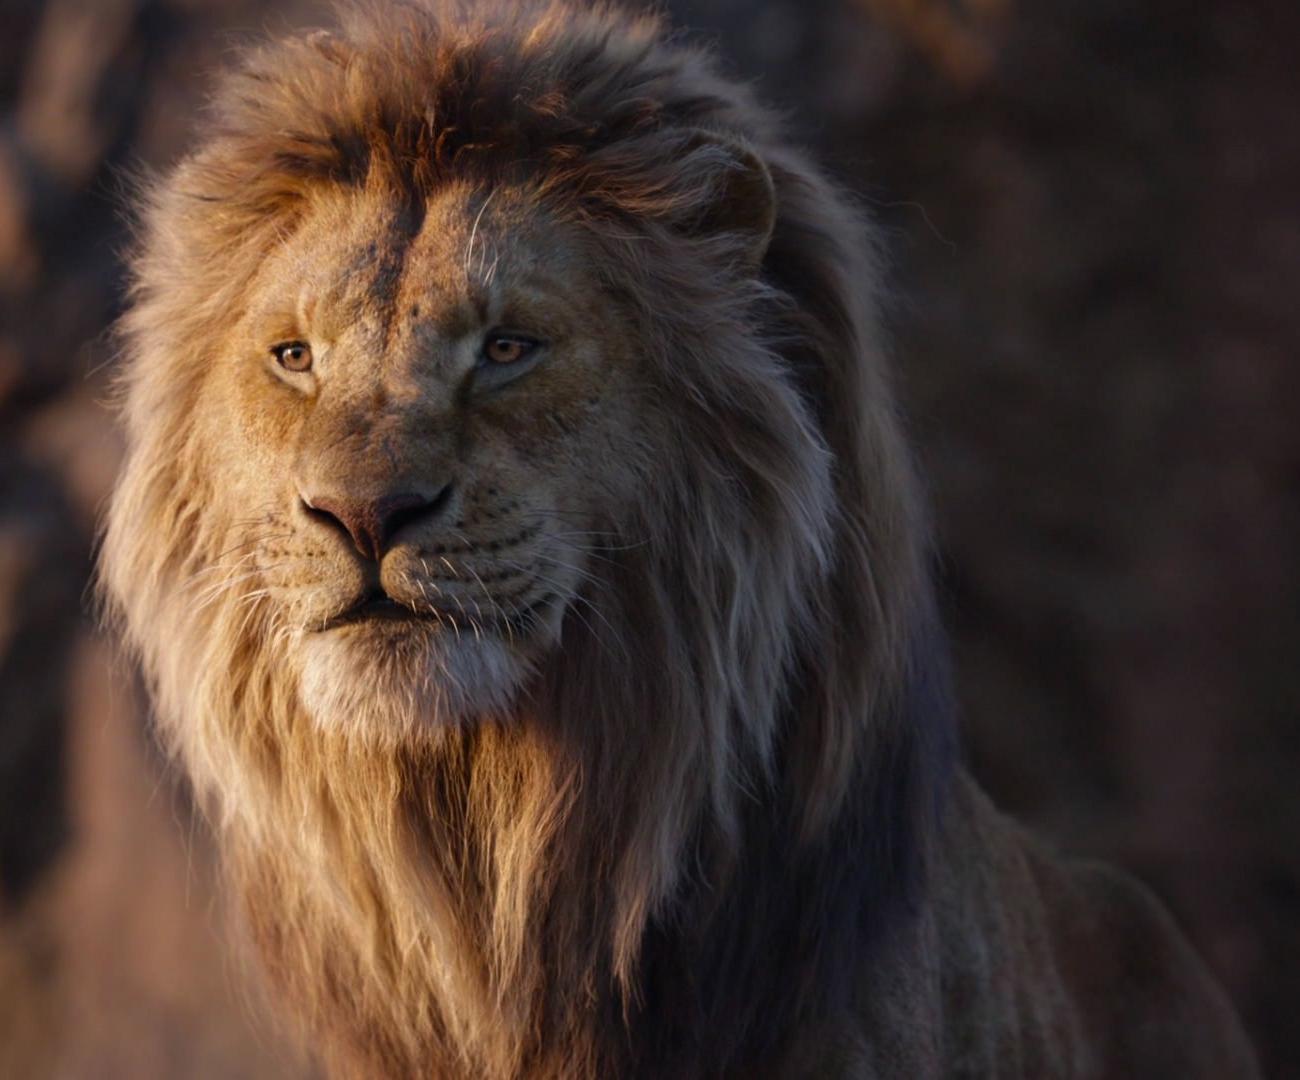 mufasa  2019 film